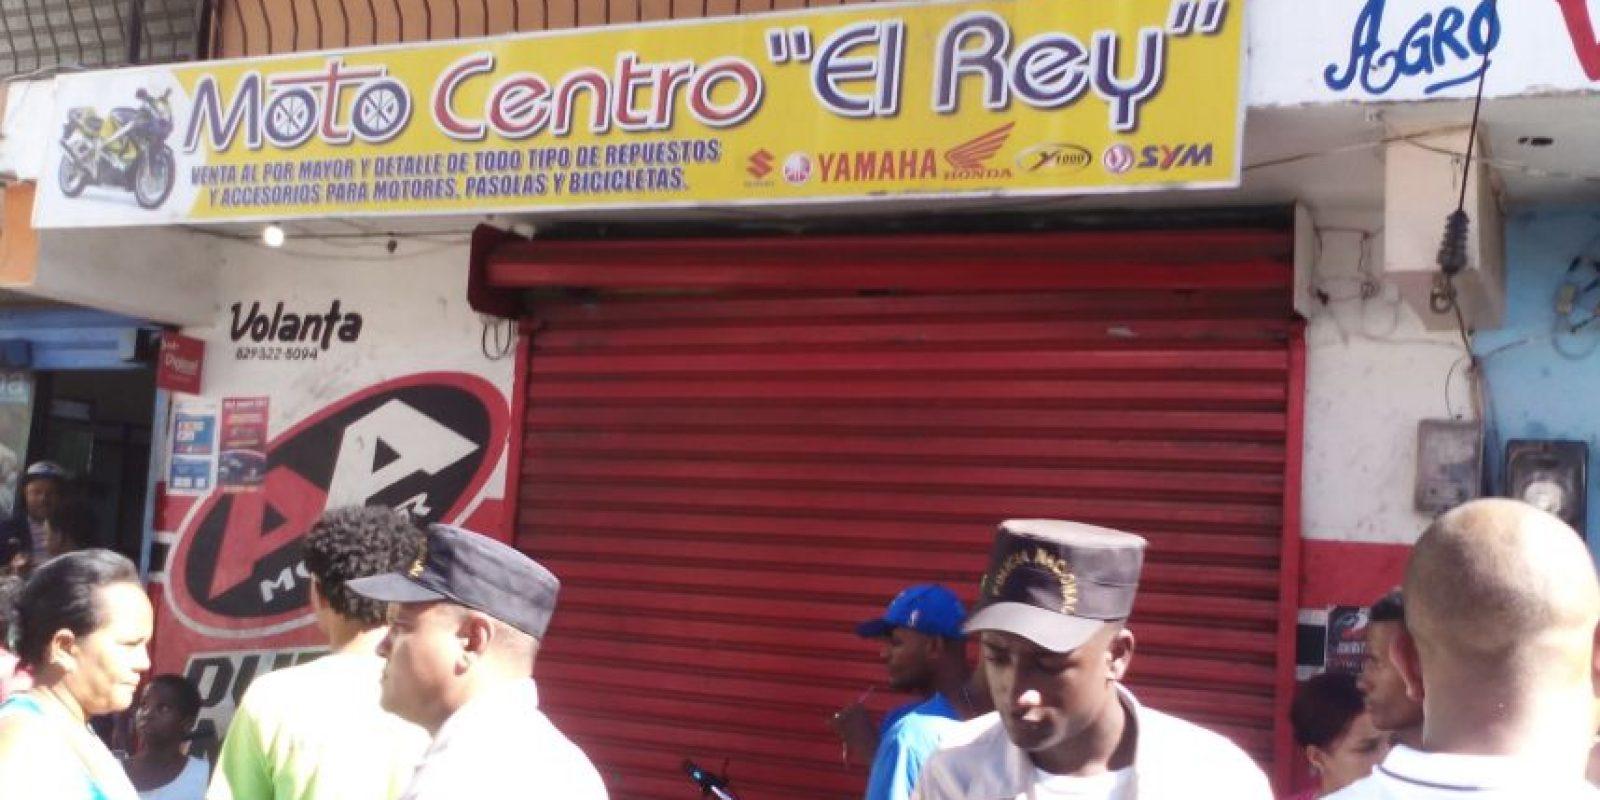 """Moto Centro """"El Rey"""", negocio donde trabajaban los jóvenes."""